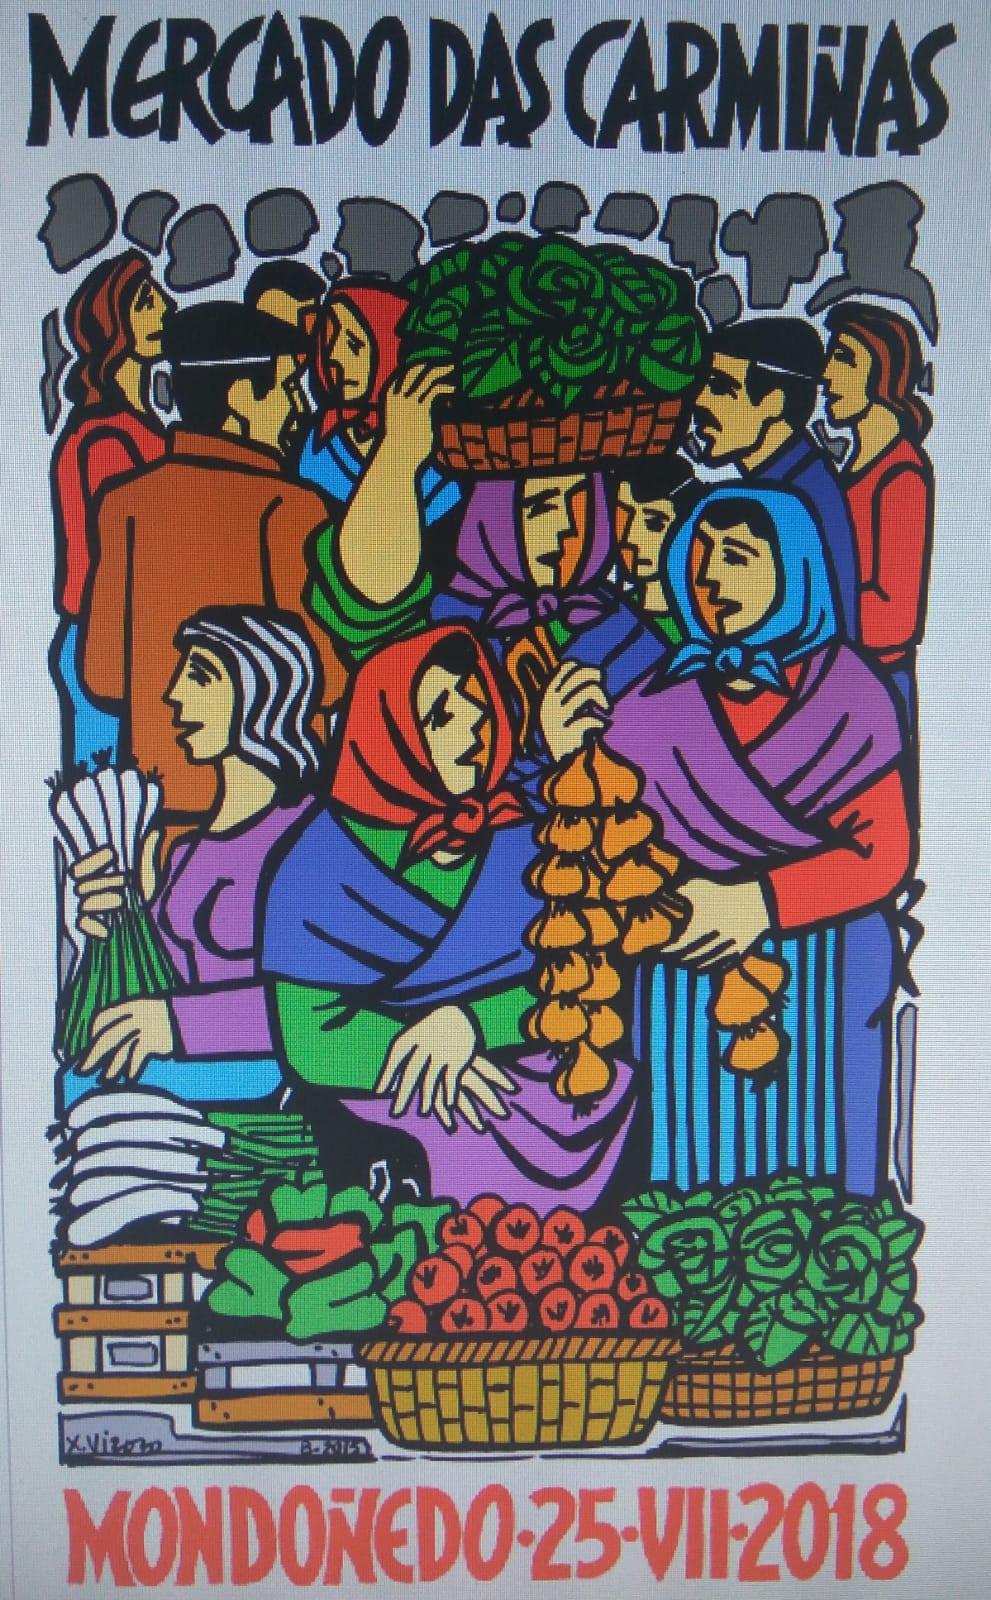 cartel Mercado das Carmiñas